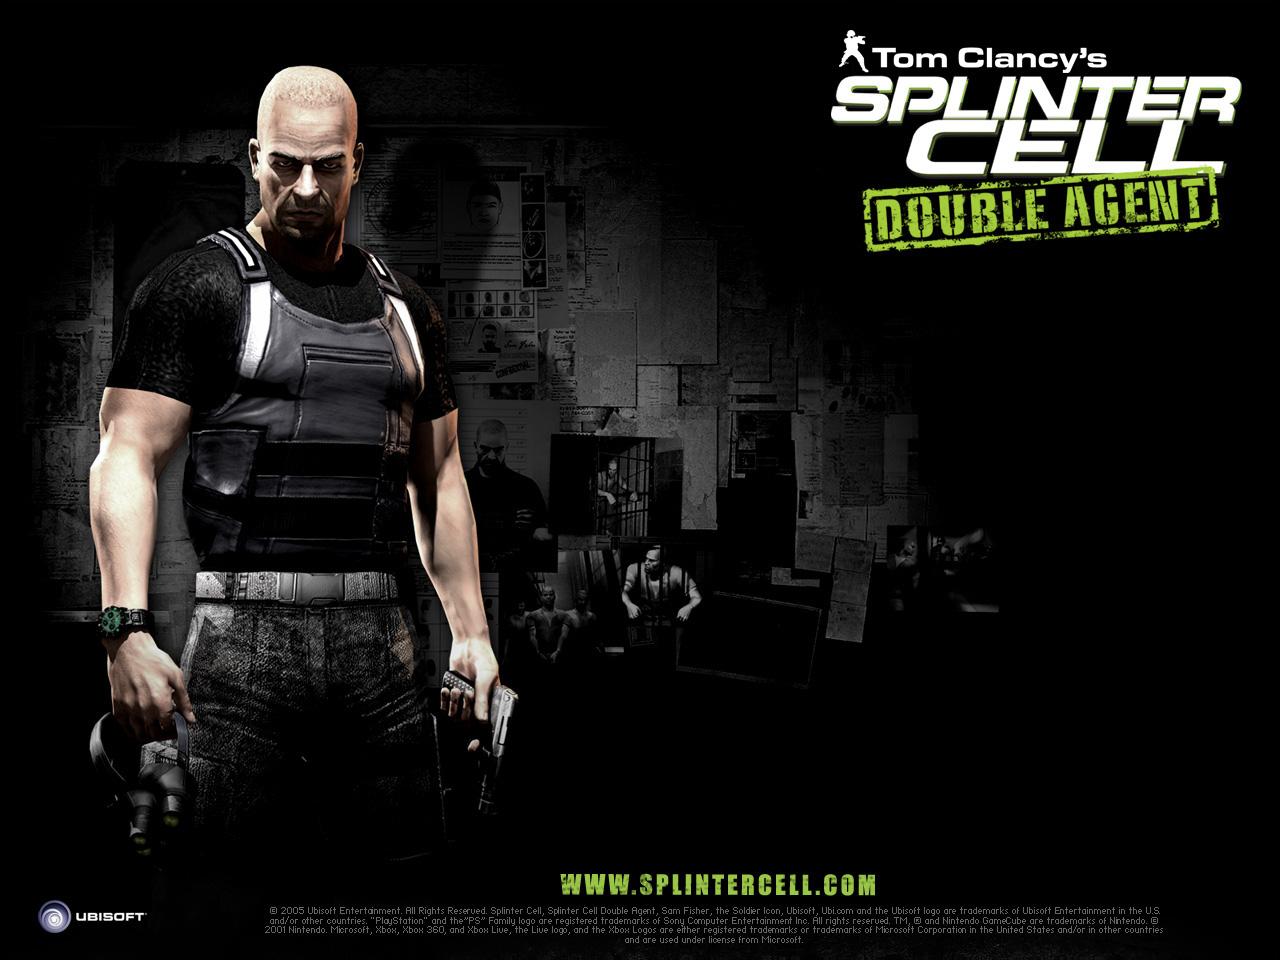 Splinter Cell: Double Agent Wallpaper in 1920x1200 |Splinter Cell Double Agent Wallpaper